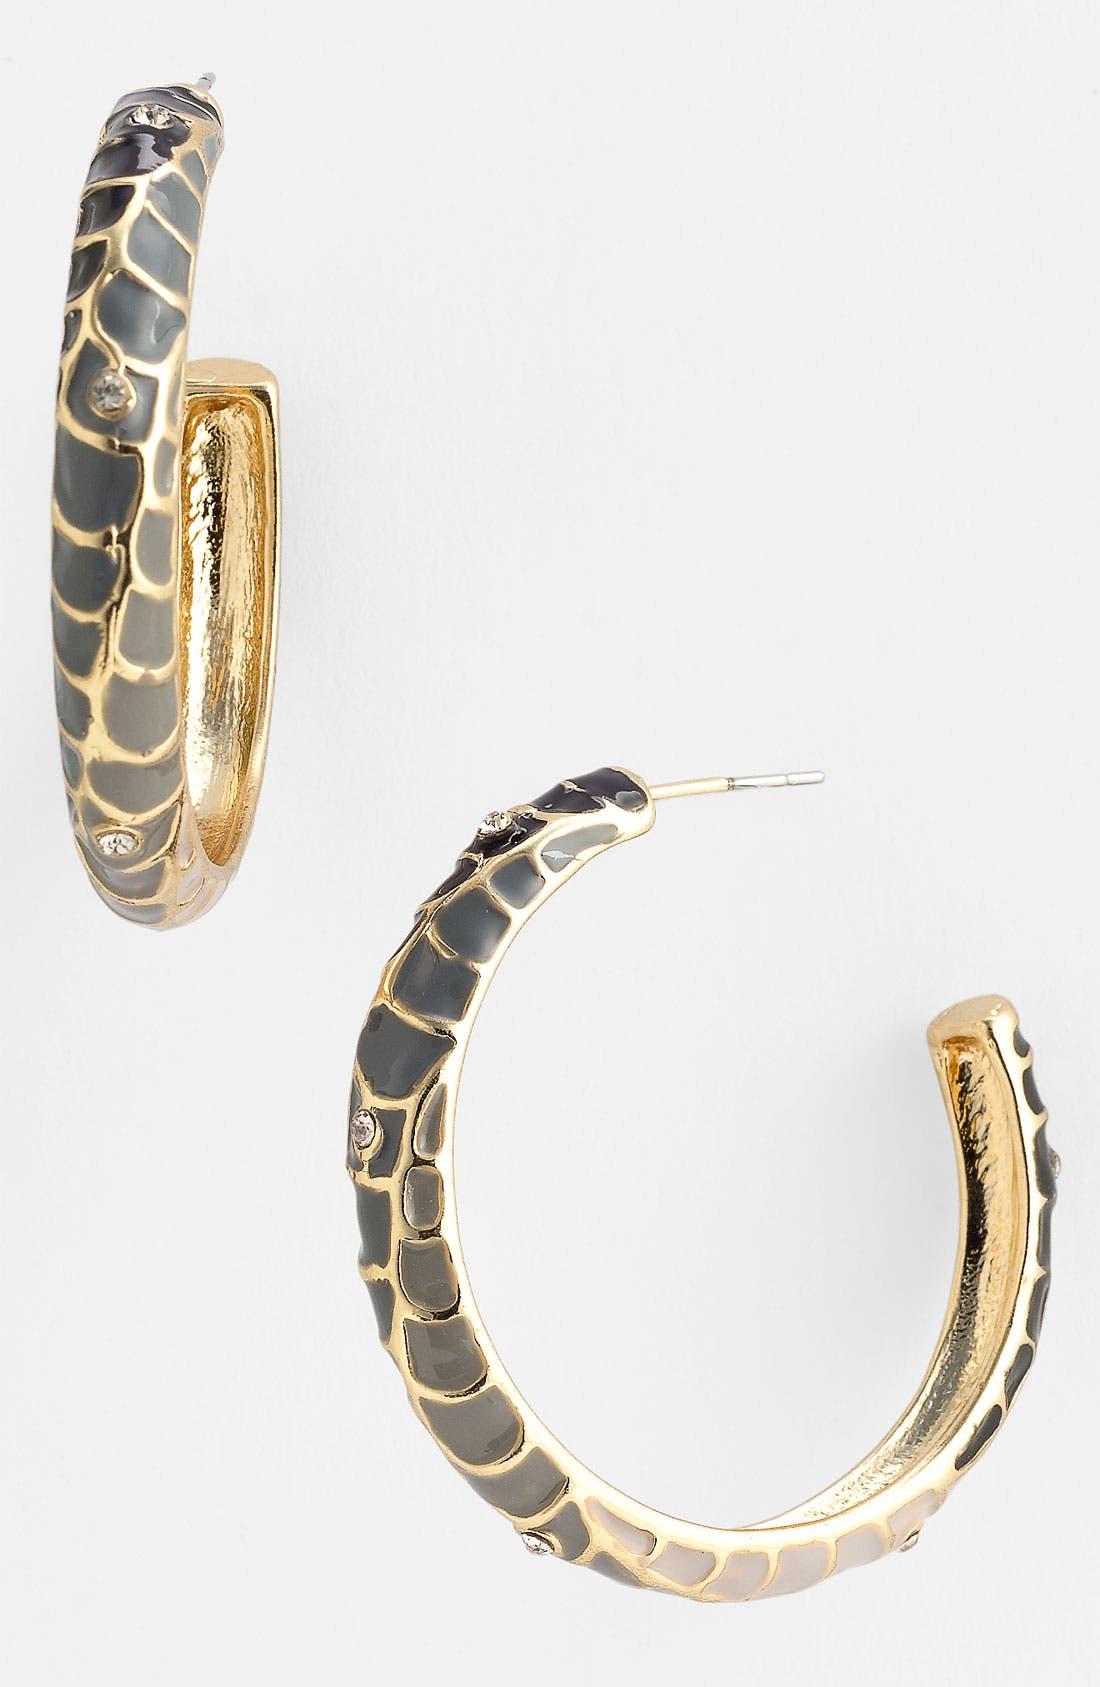 Alternate Image 1 Selected - Sequin 'Feather Plume' Enamel Hoop Earrings